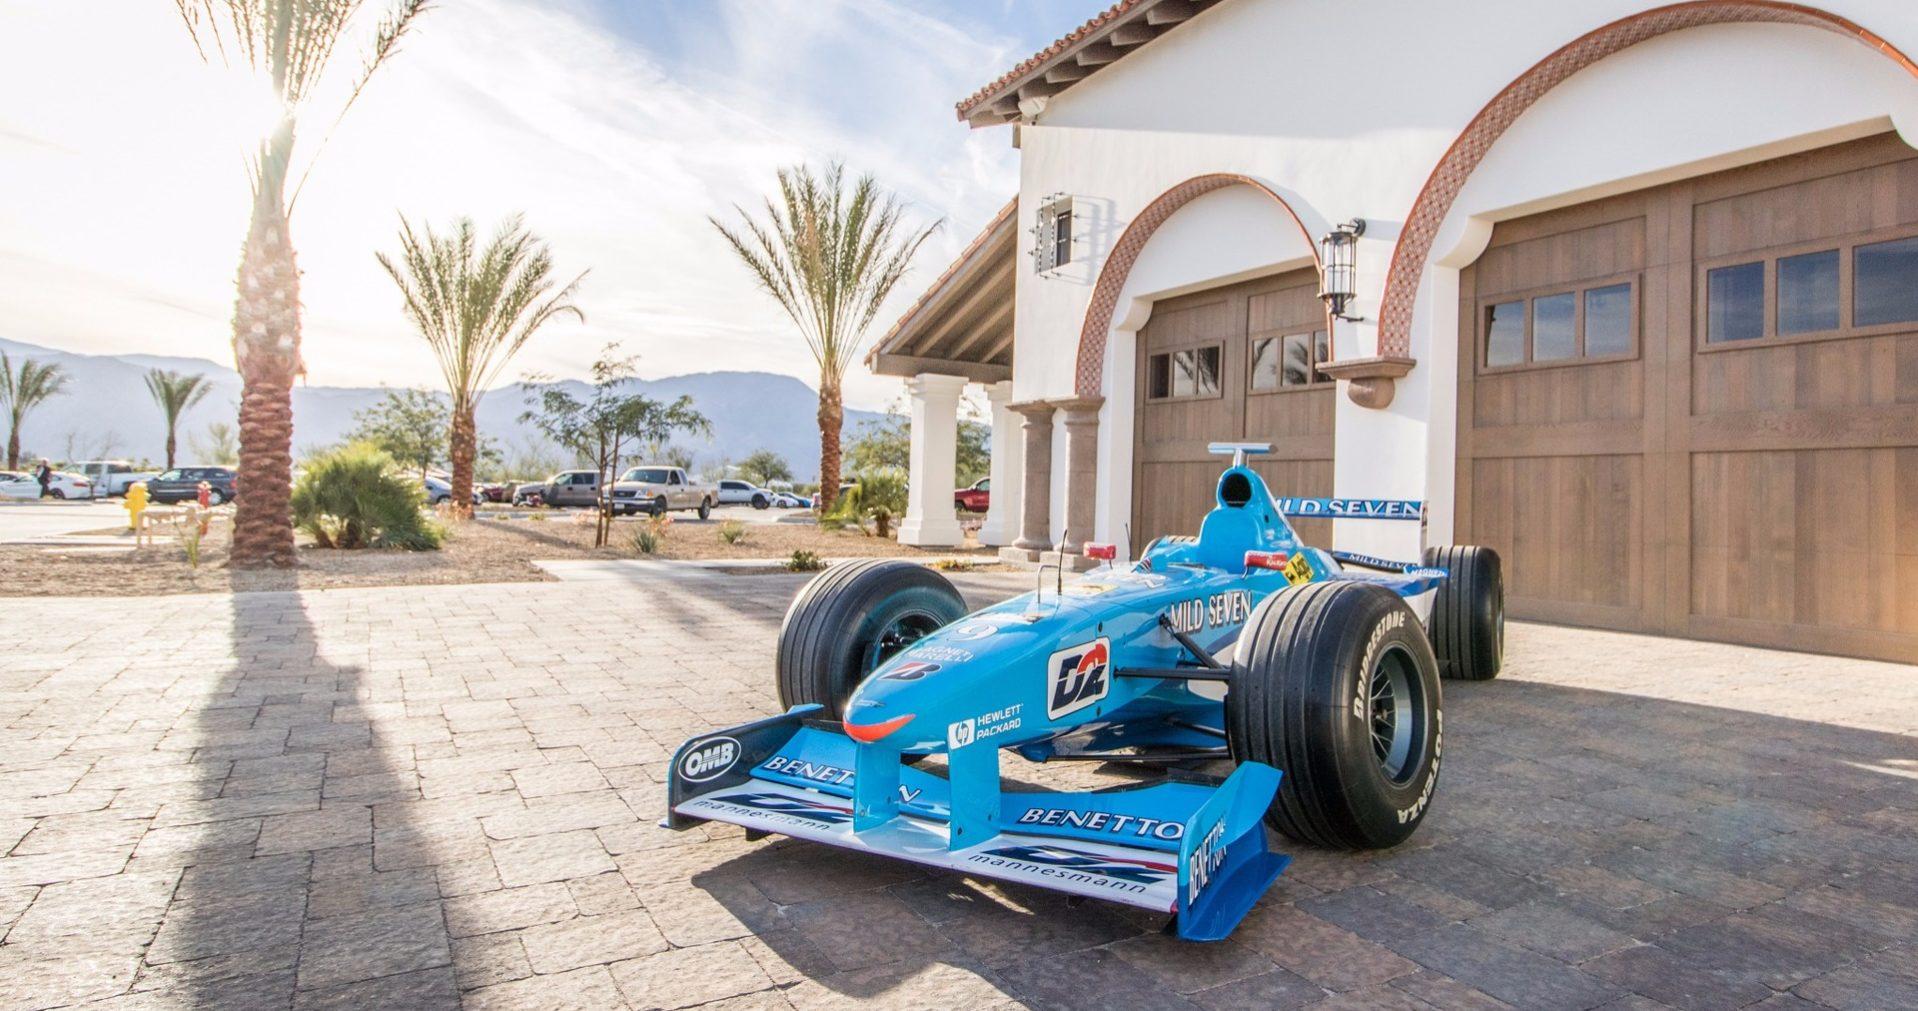 benetton F1 Mild Seven